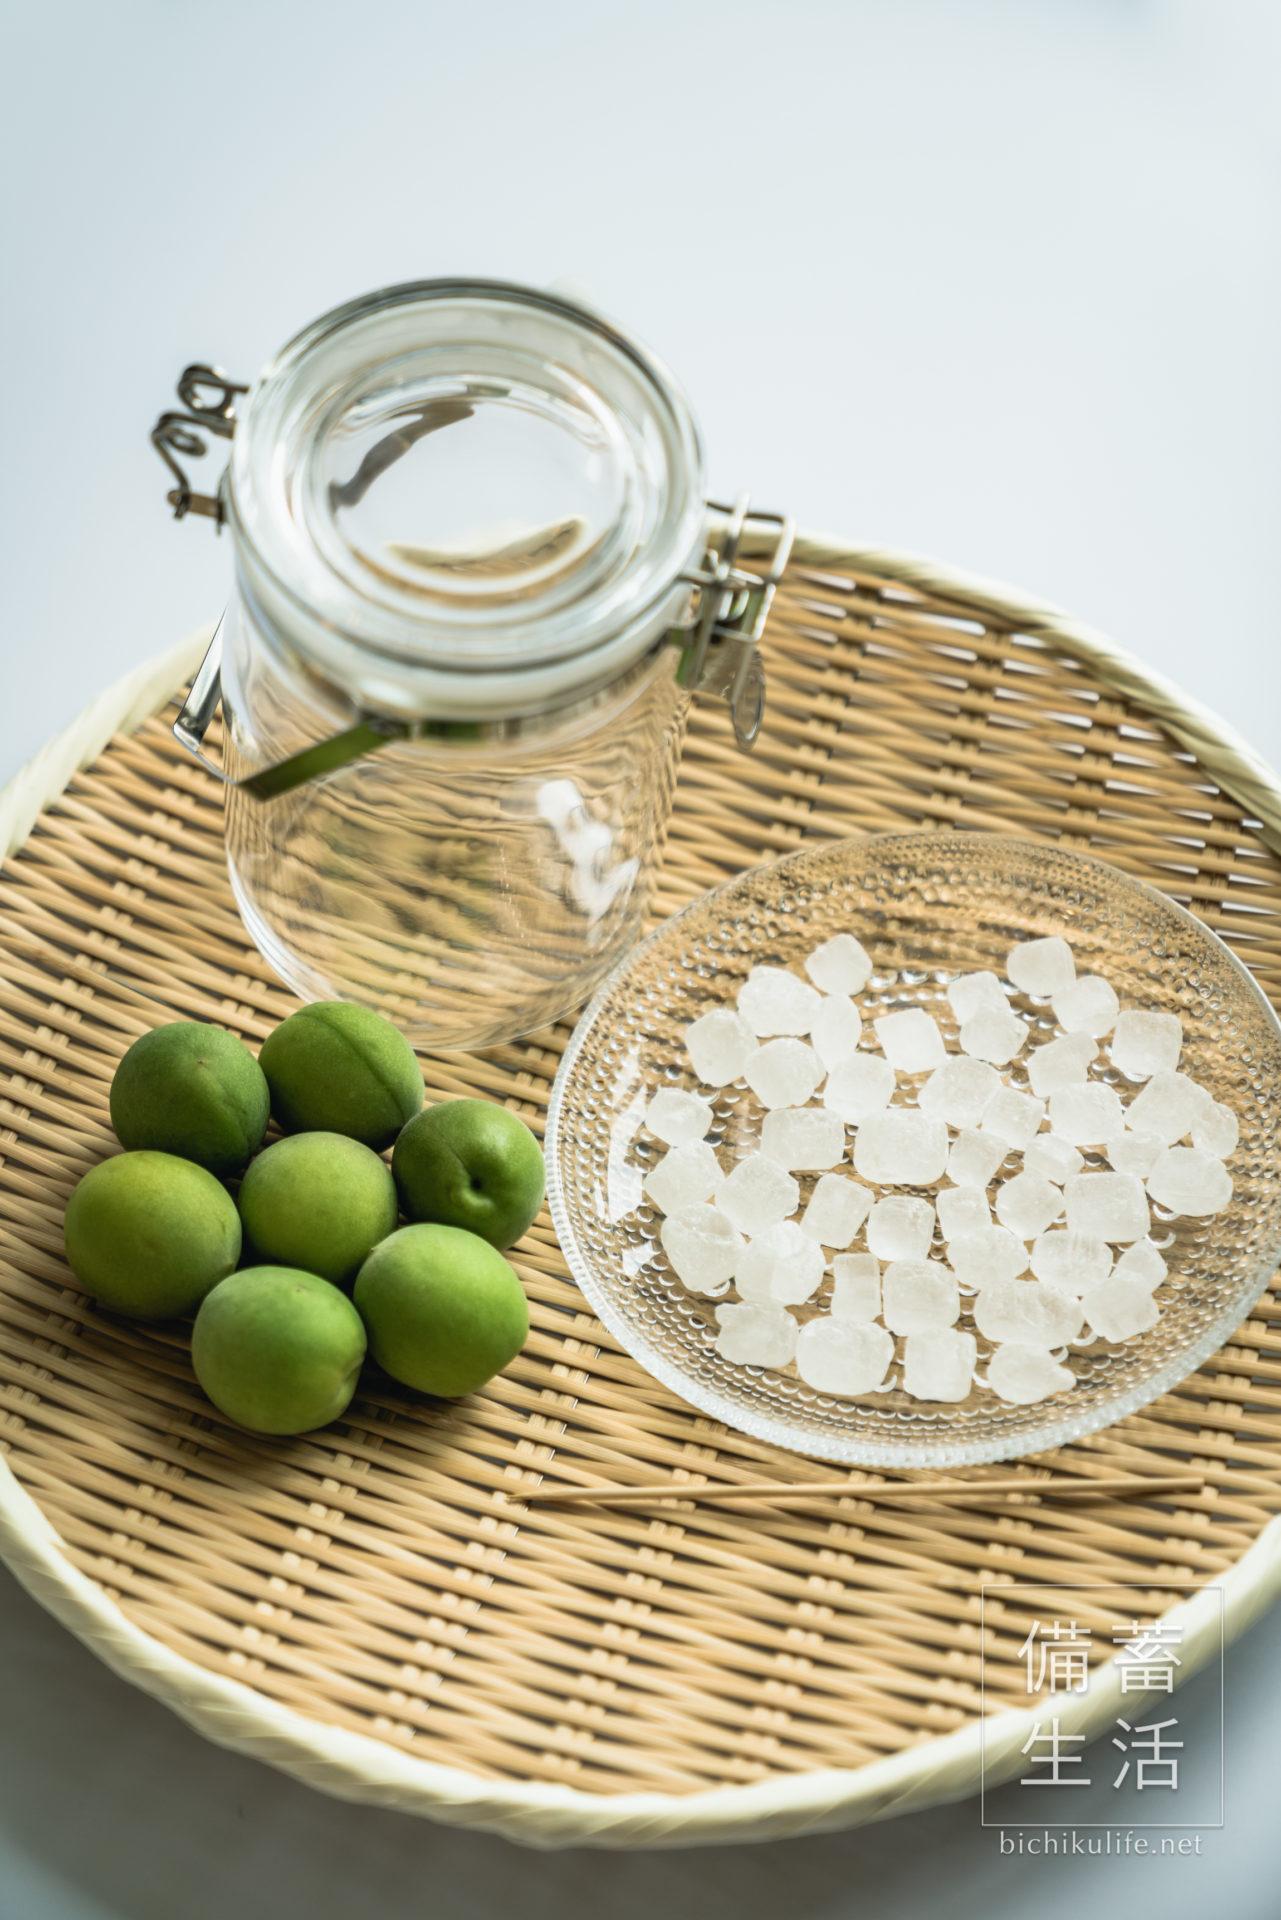 梅シロップづくり 自家製梅シロップを作るアイデア、梅シロップ作りの材料と道具